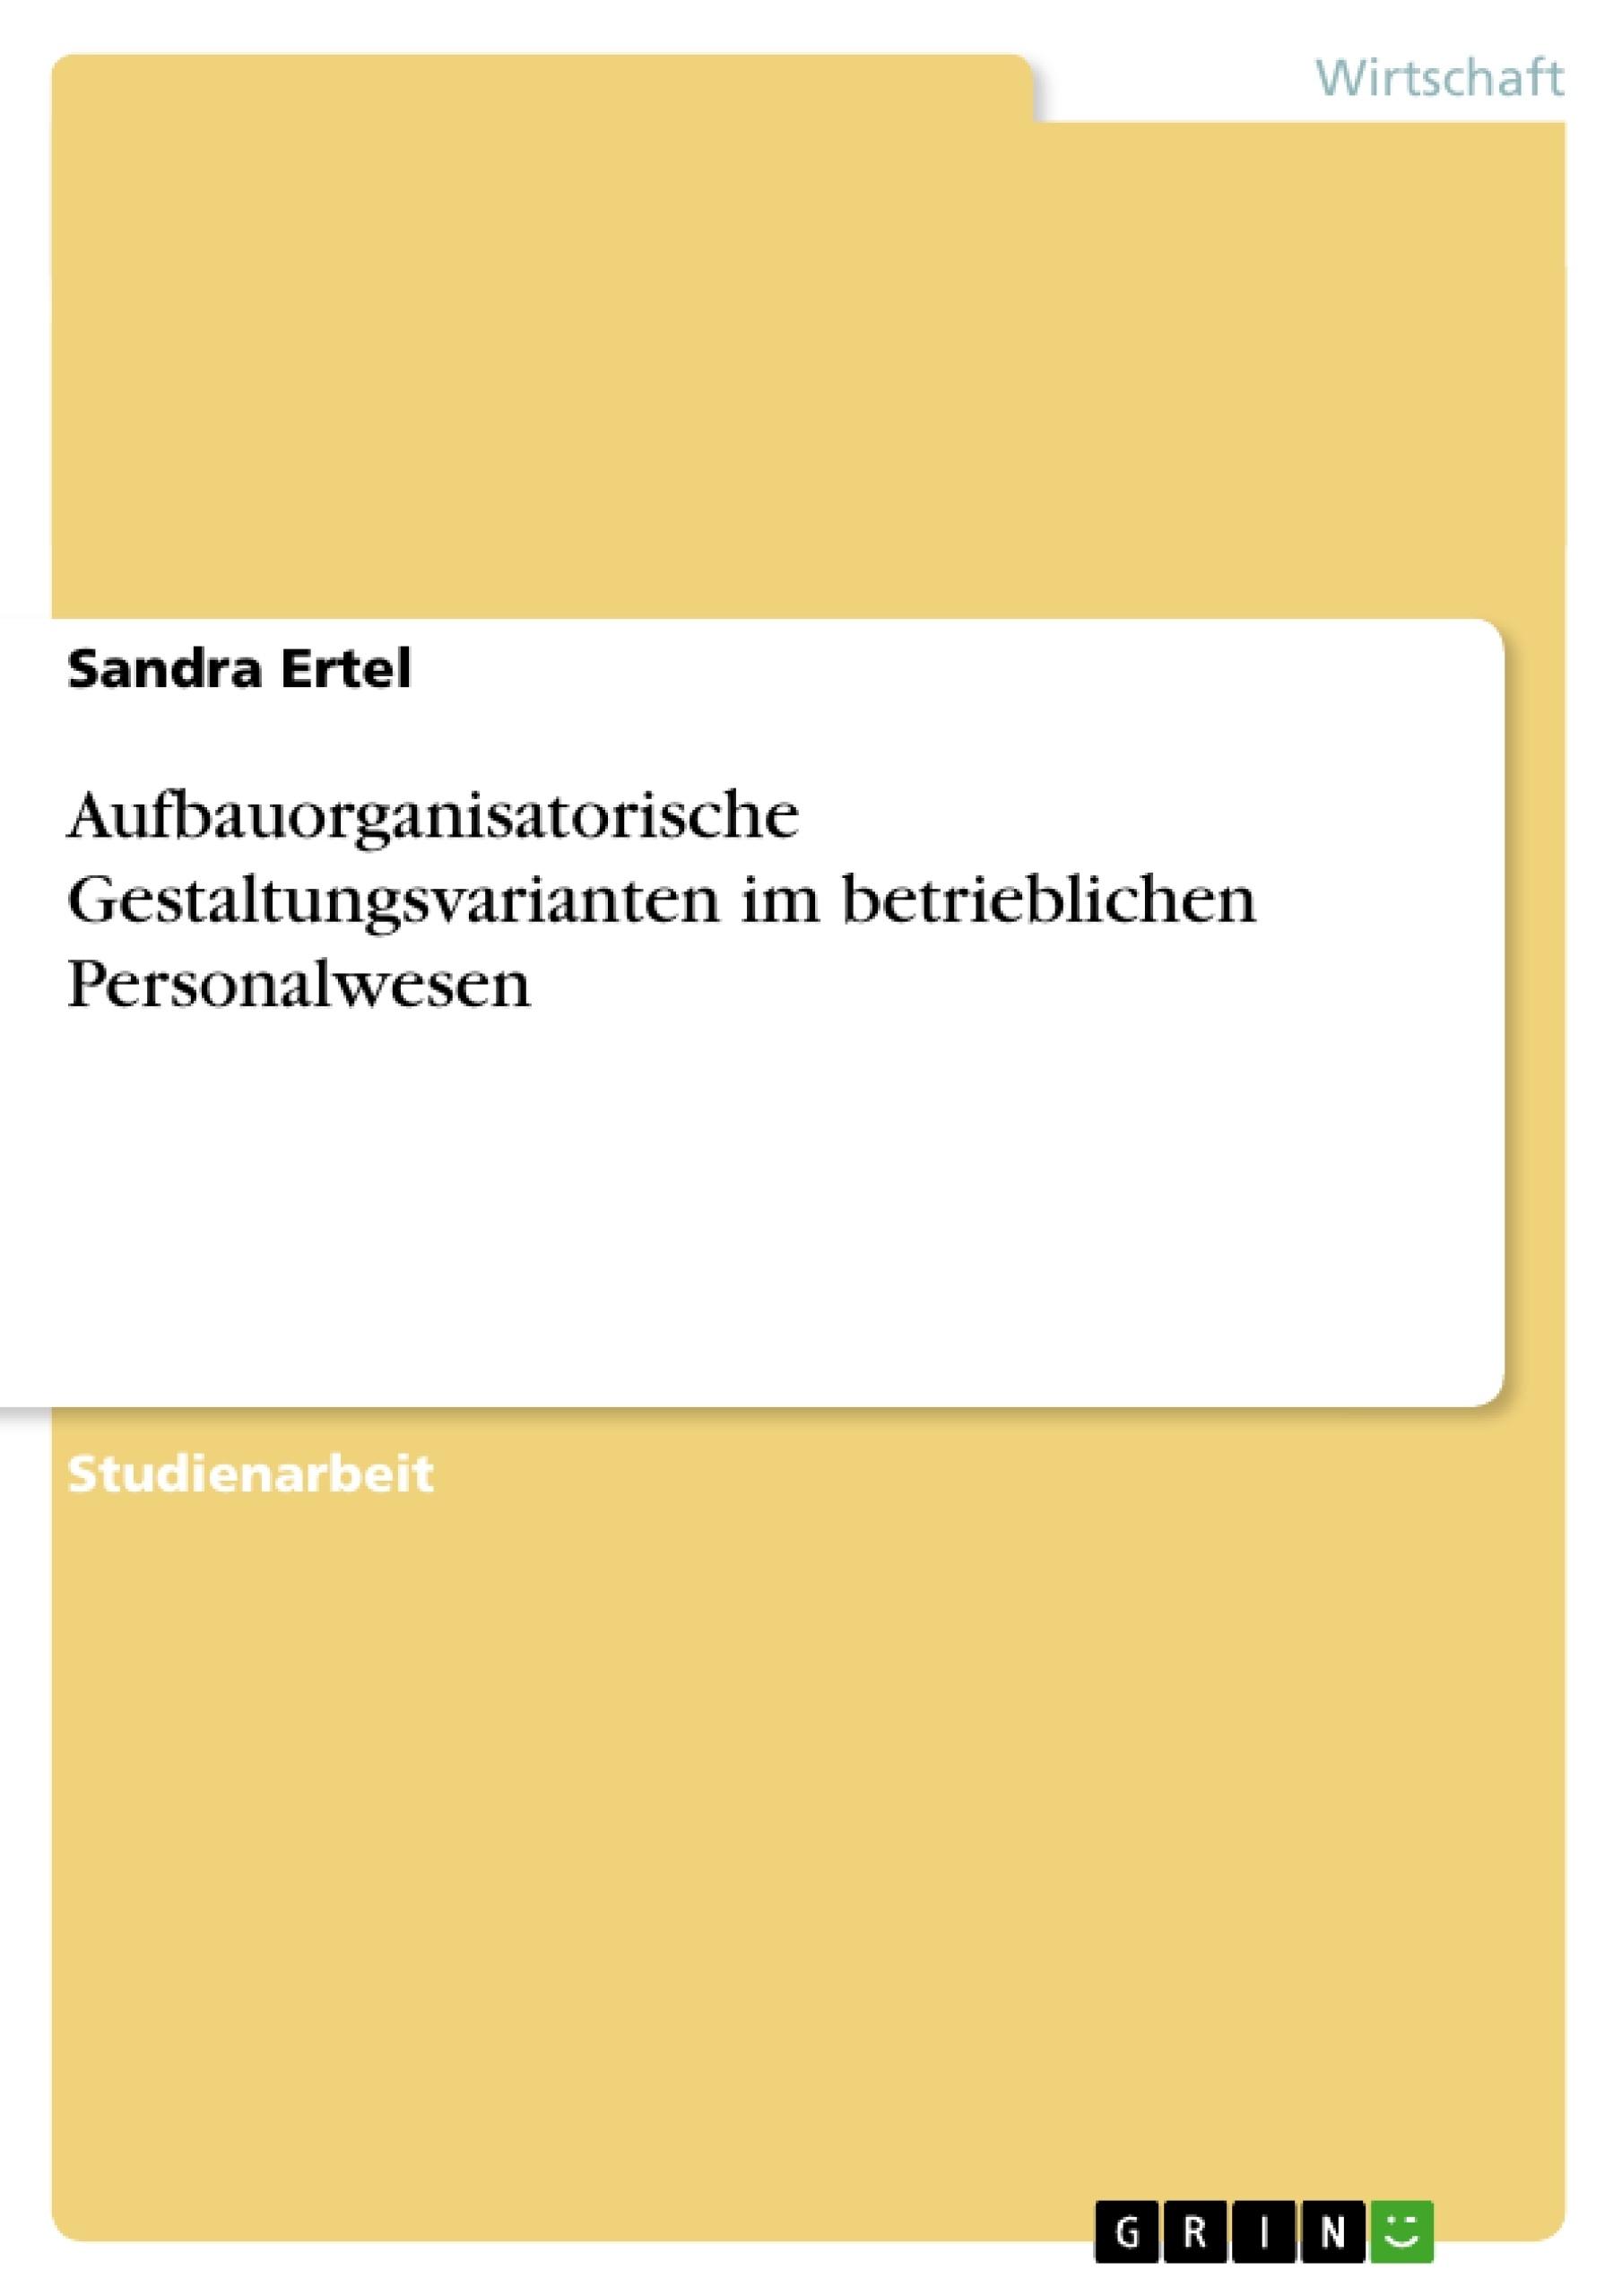 Titel: Aufbauorganisatorische Gestaltungsvarianten im betrieblichen Personalwesen